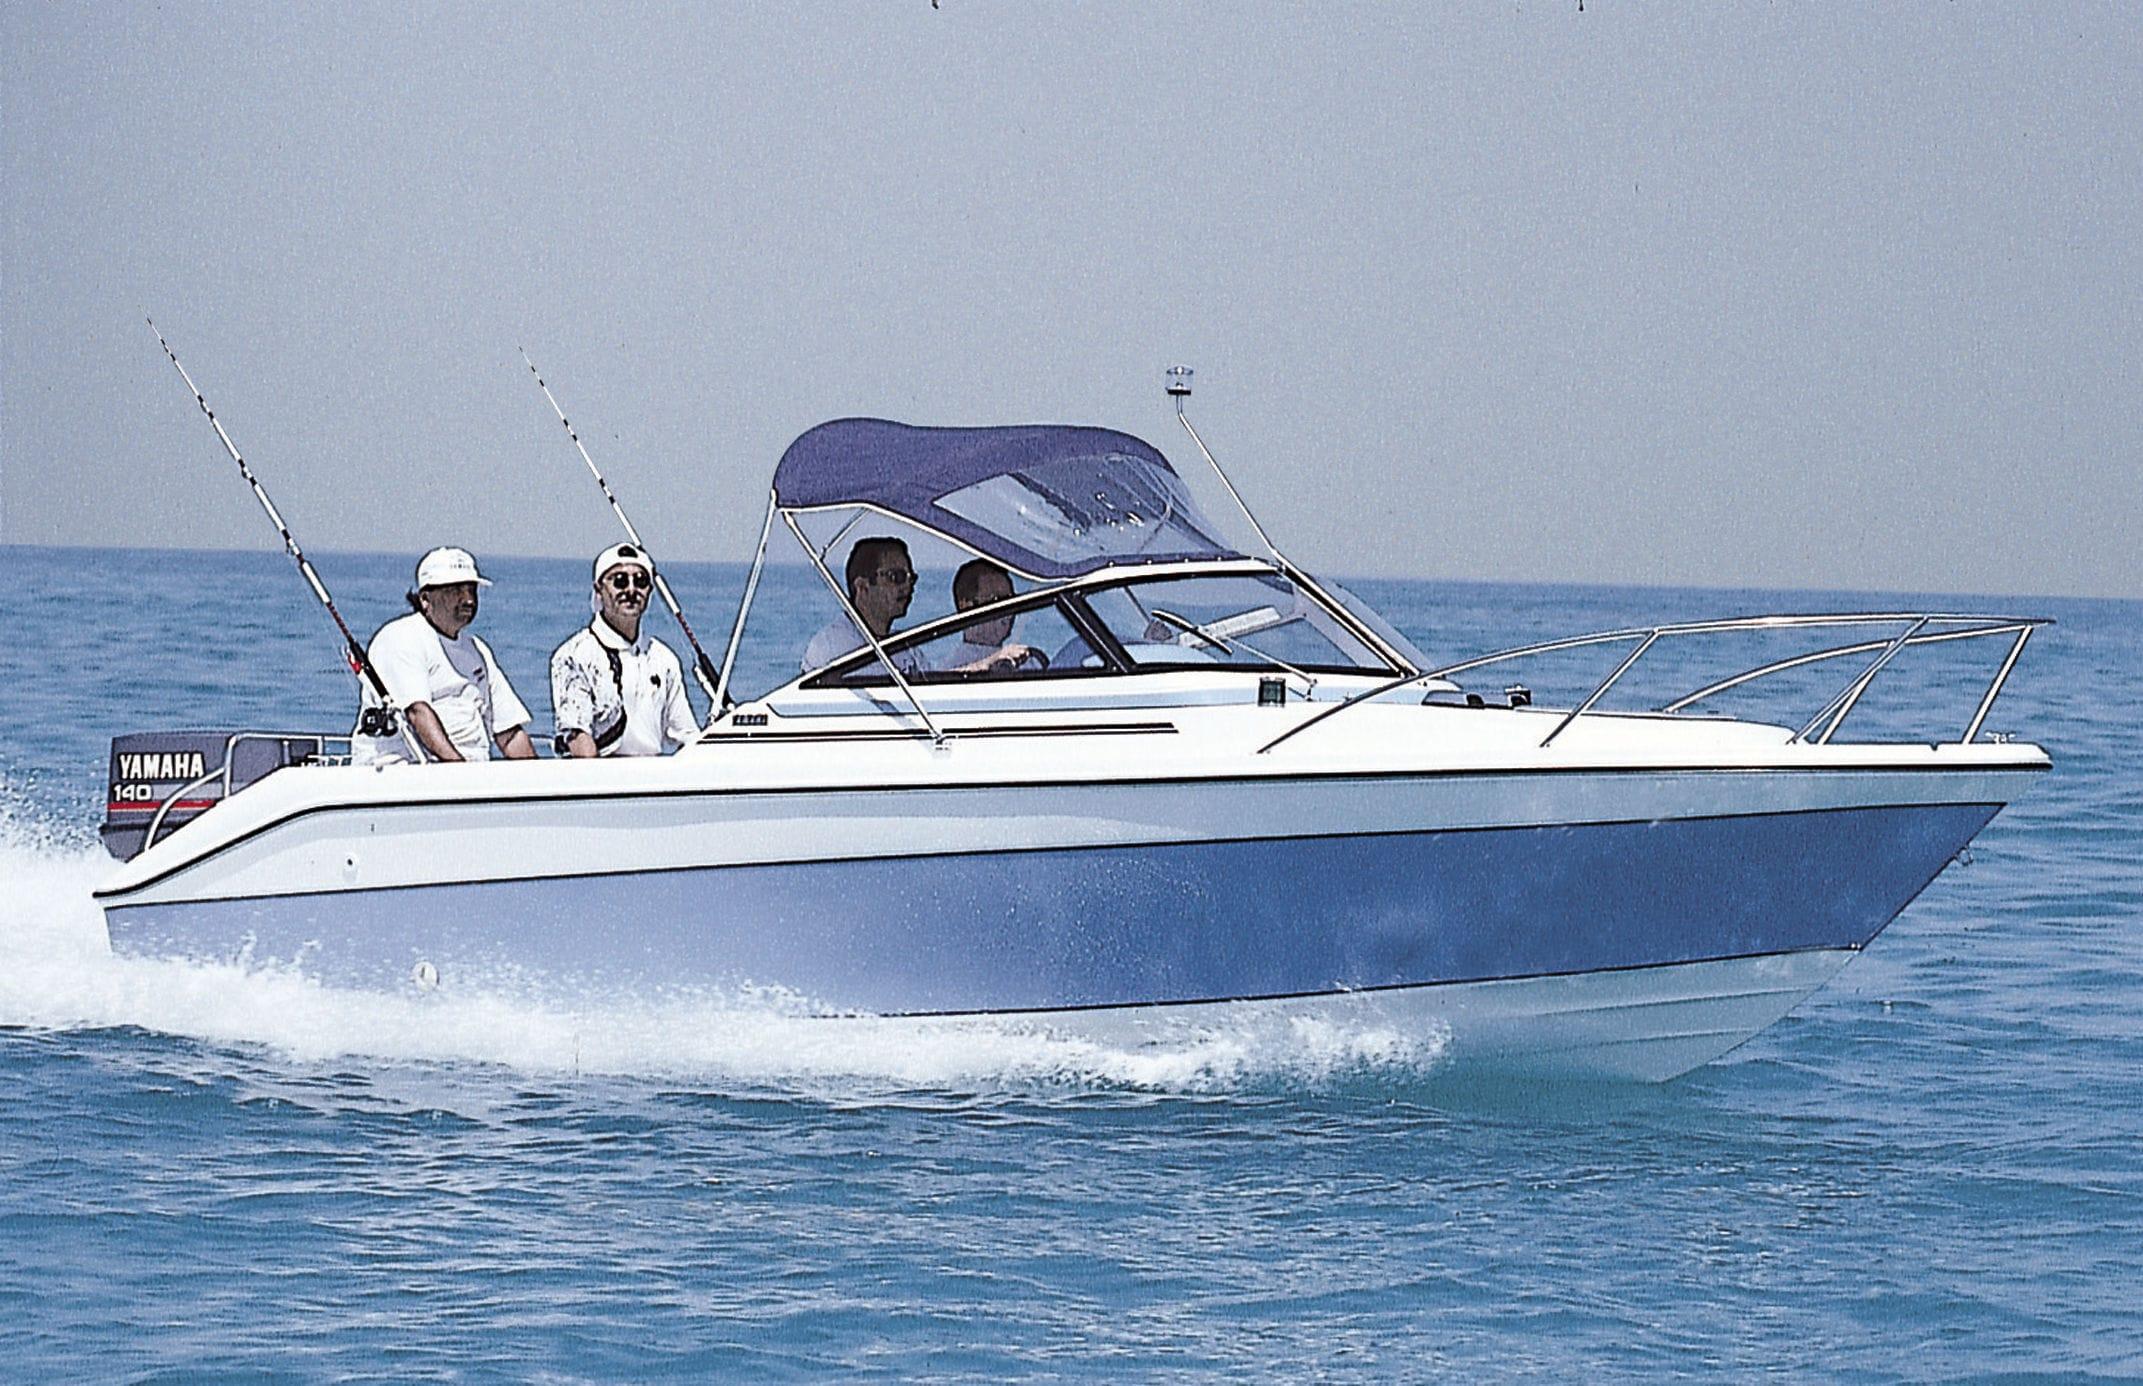 bateau de peche yamaha